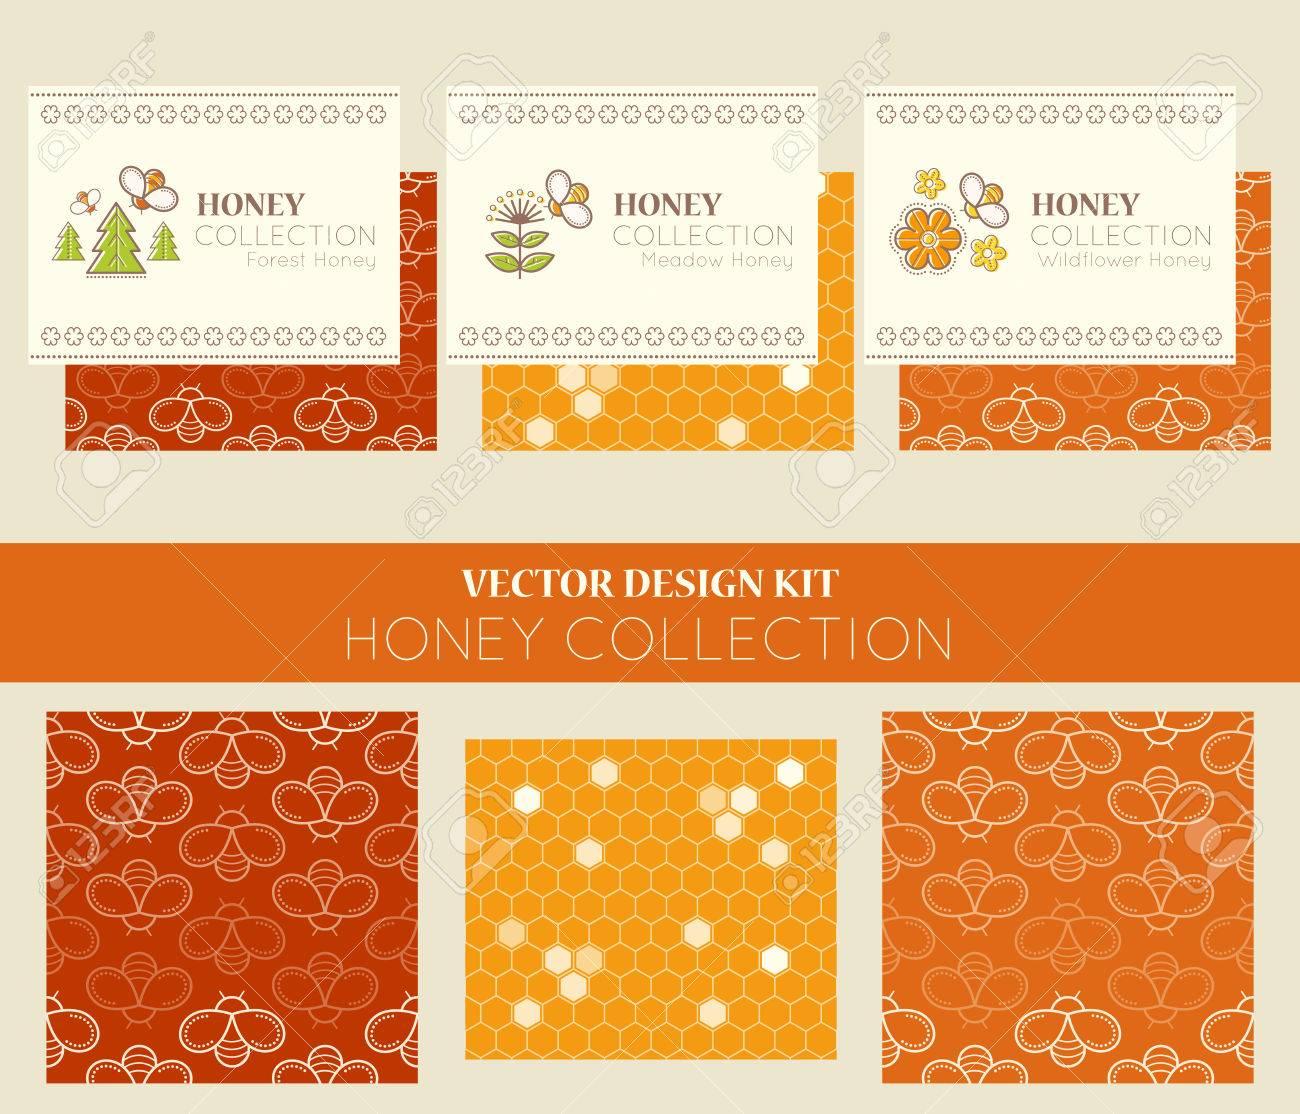 Vector Conception Kit Avec Des Modeles De Cartes Visite Et Les Sans Couture Collection Naturelle Miel Types